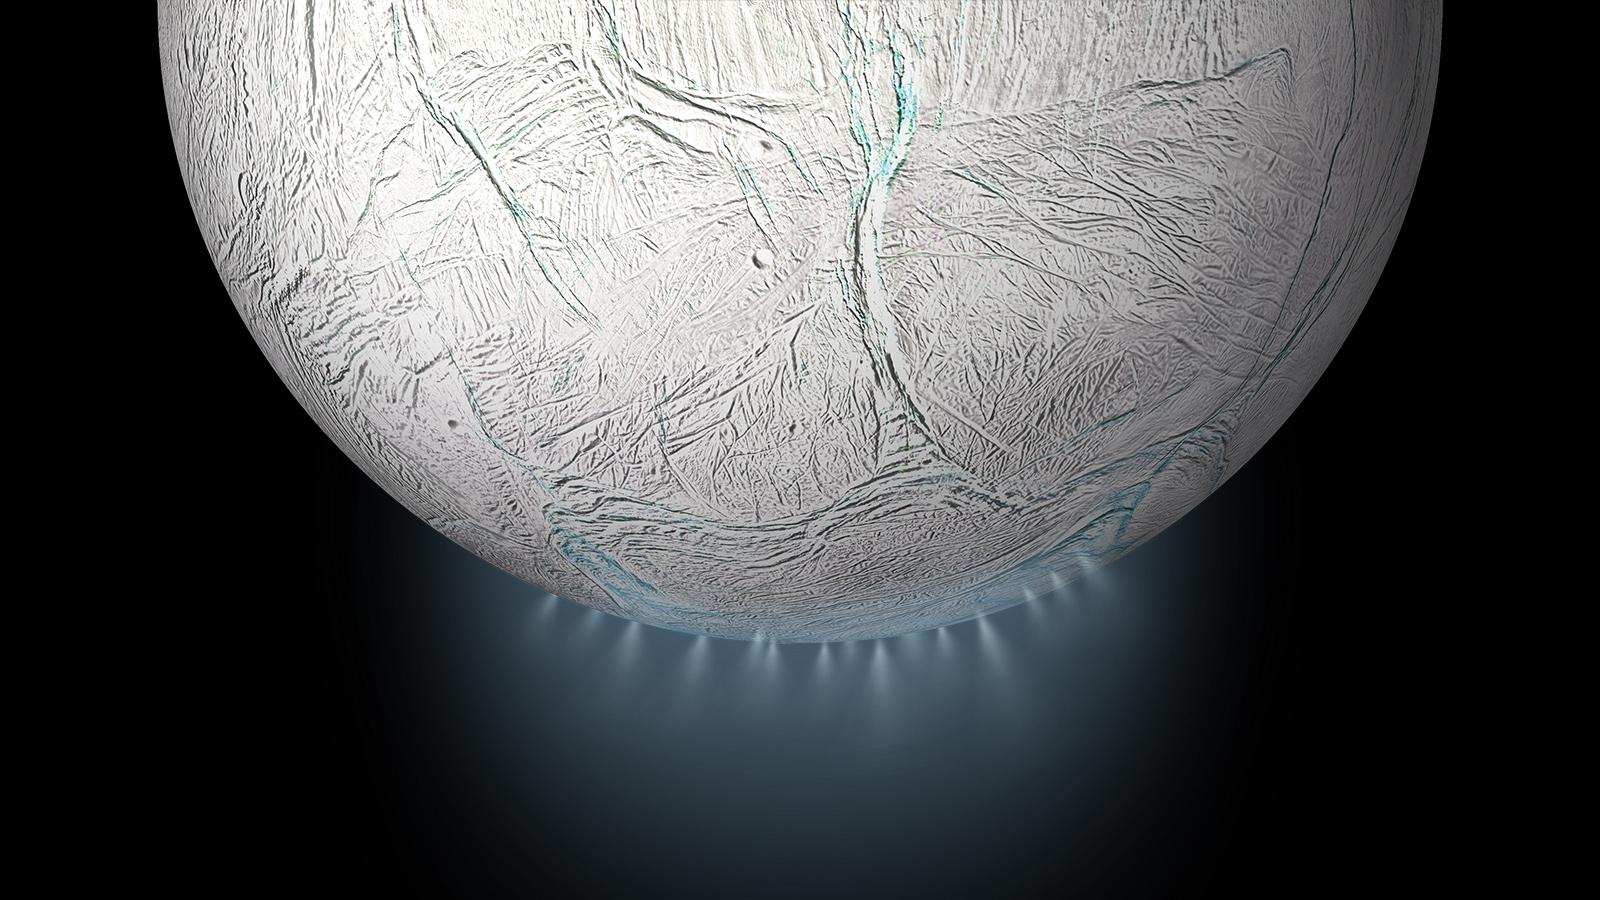 العلماء يكتشفون أدلة على وجود جزيئات عضوية معقدة على قمر زحل إنسيلادوس